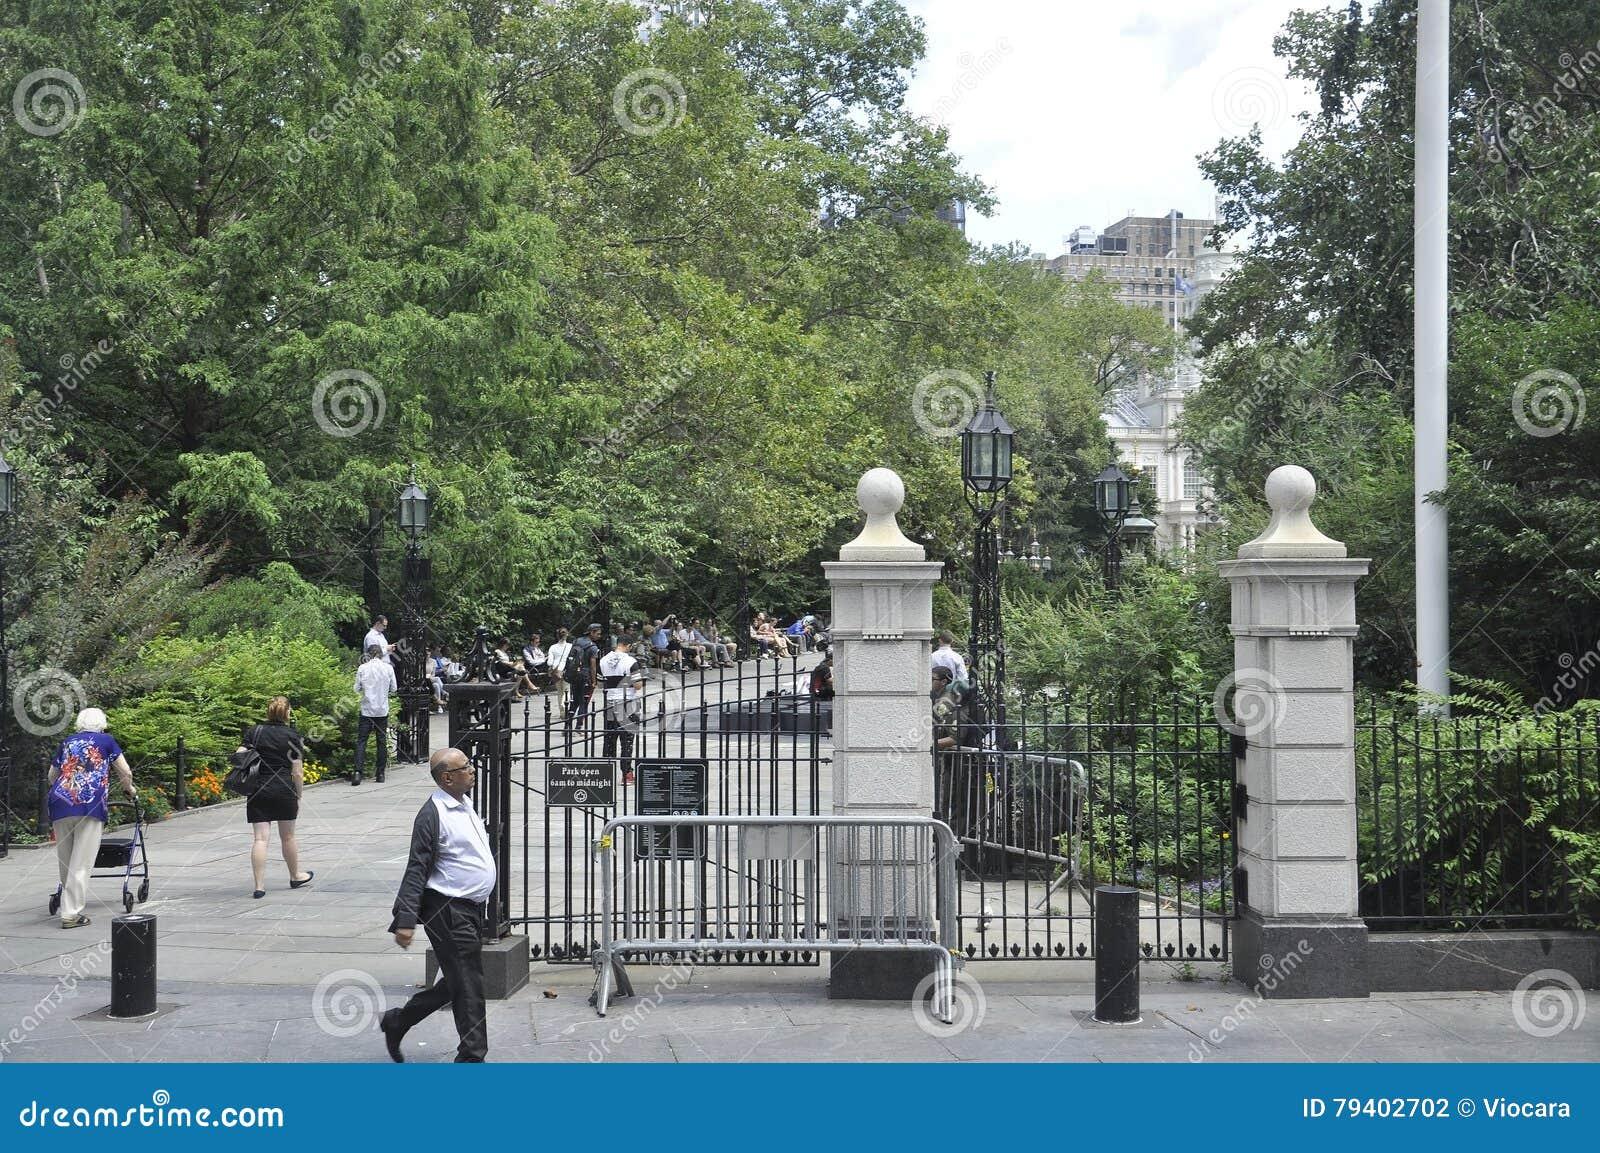 New York City, am 2. August: Stadt Hall Park von Manhattan in New York City